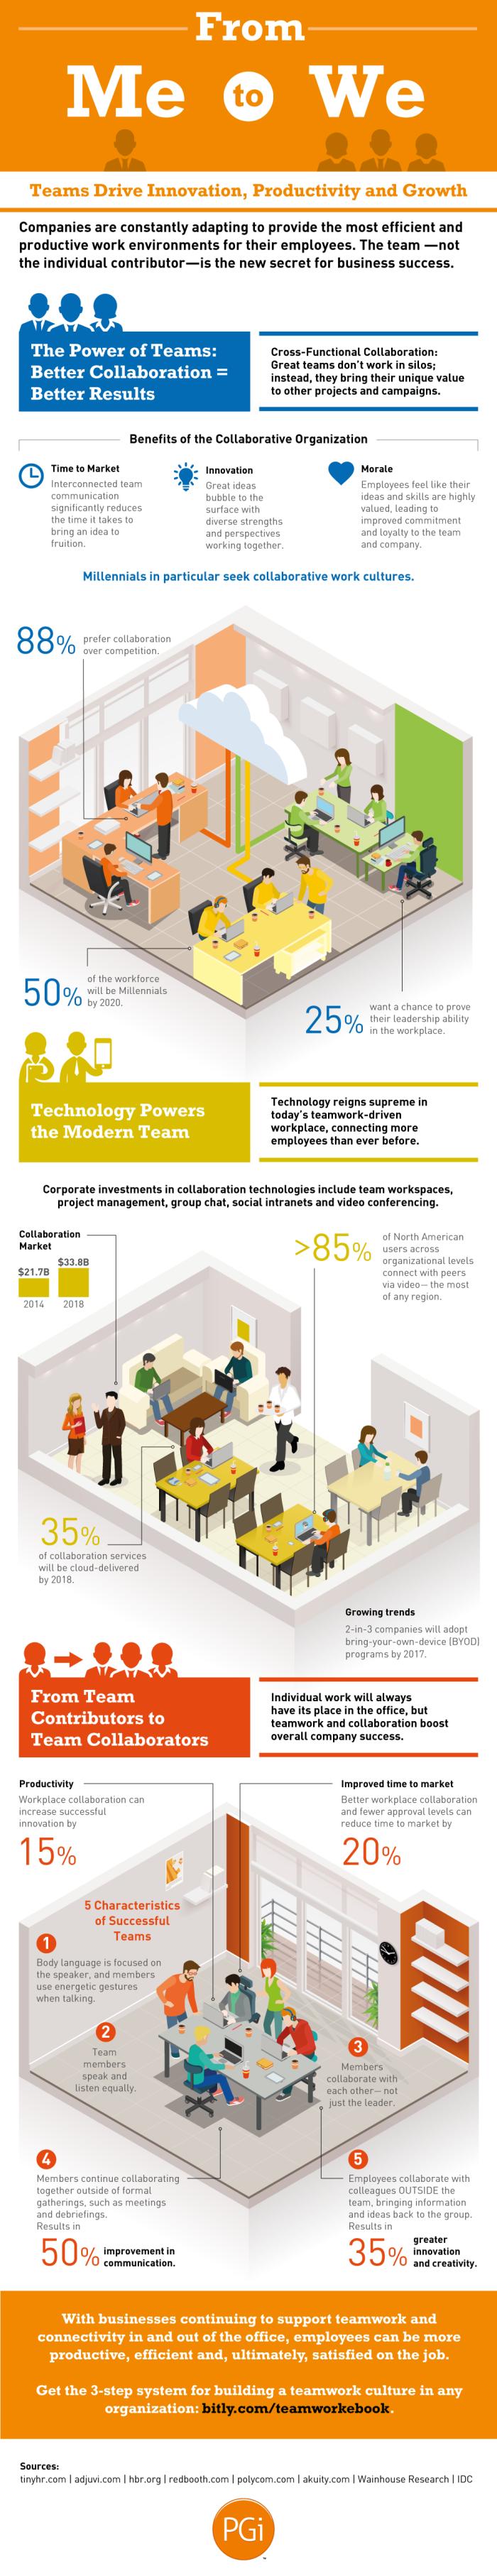 PGi infographic on teamwork